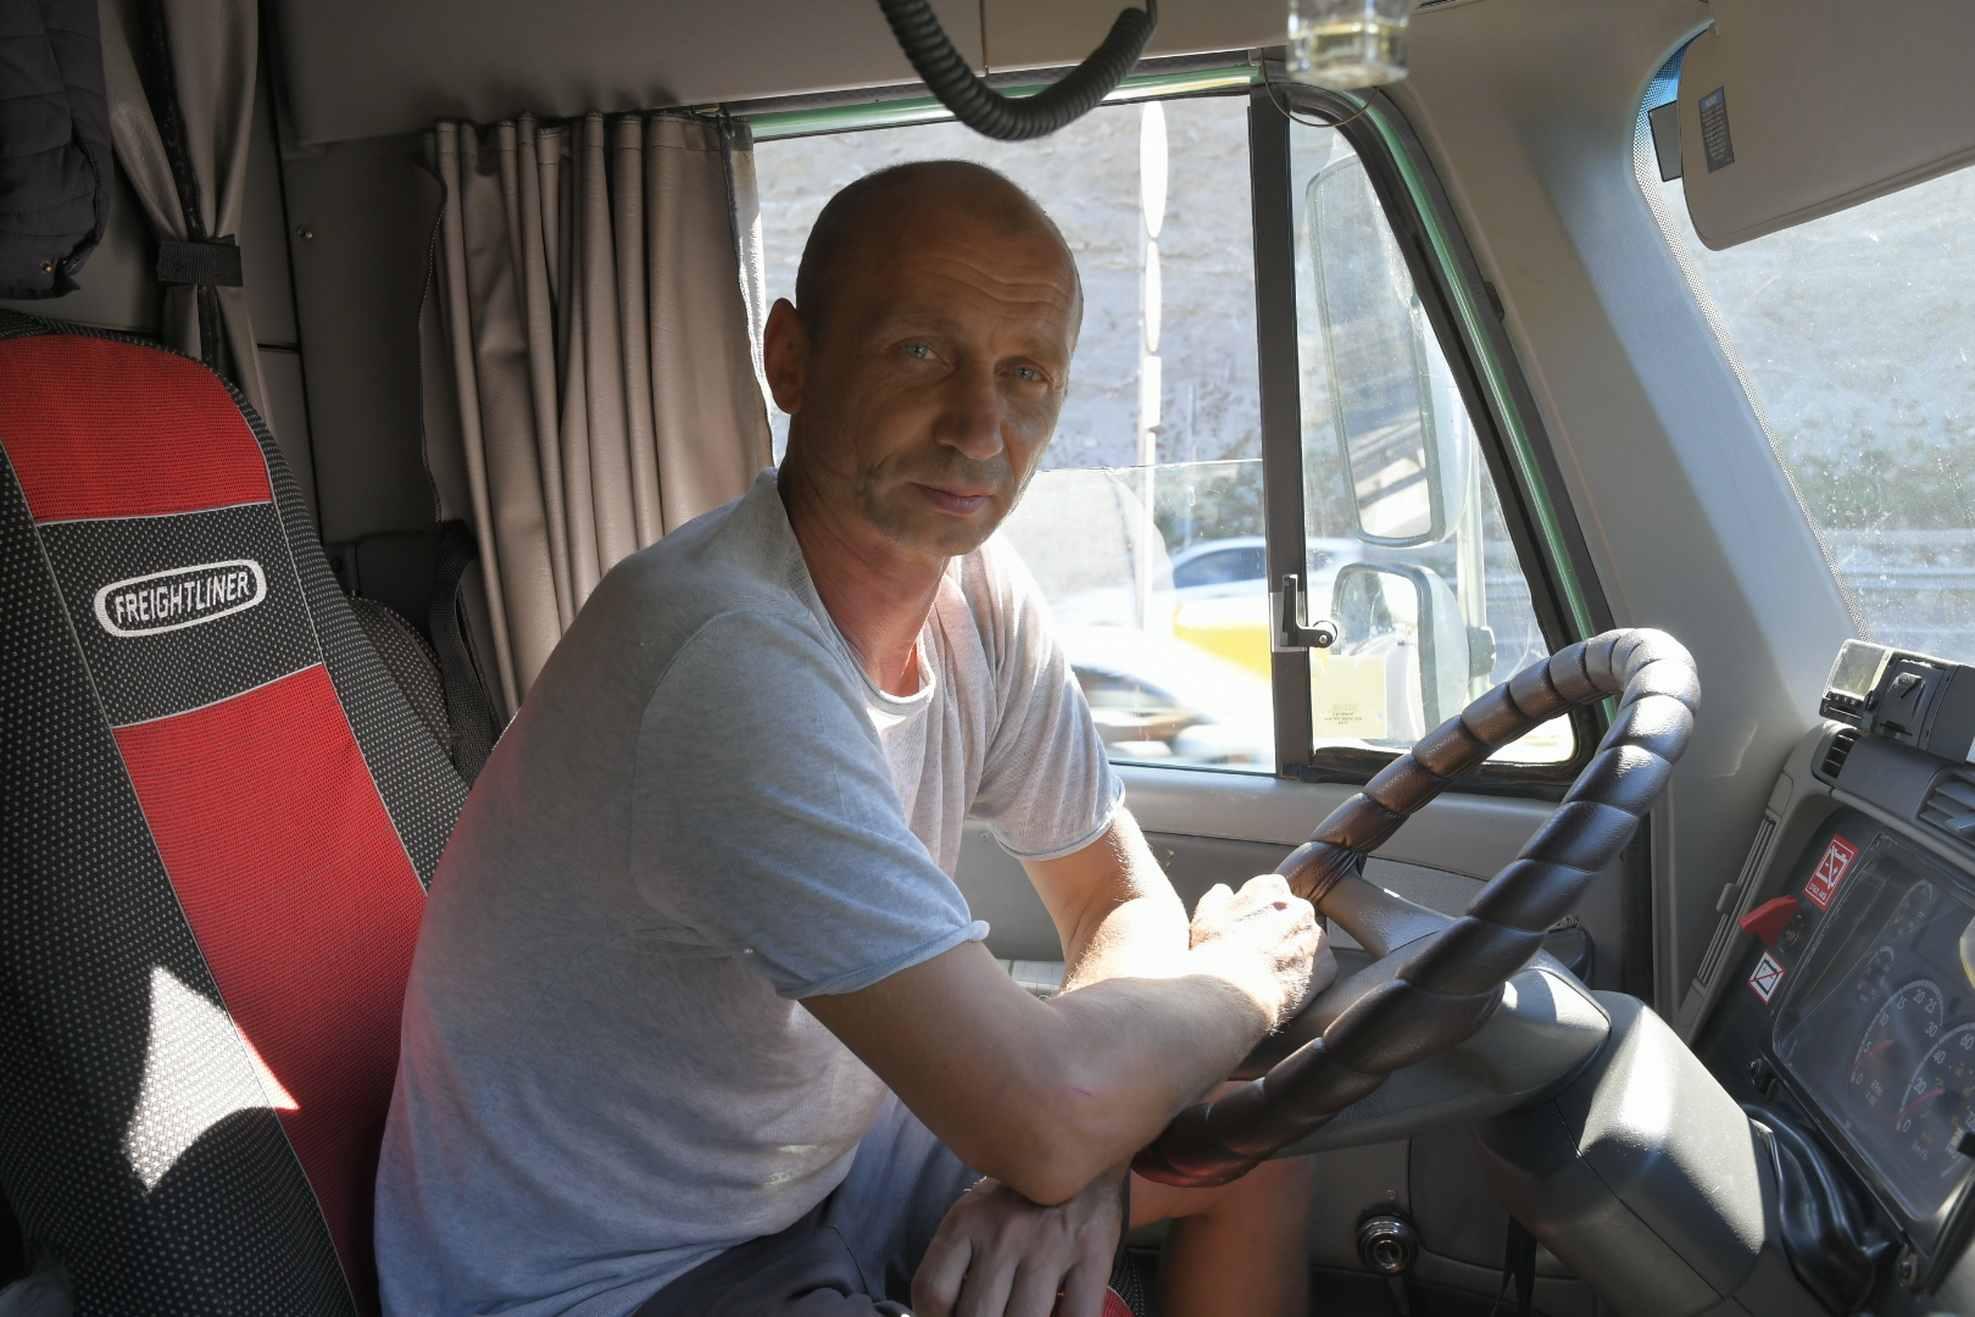 День дальнобойщика, или Как я с человеком, похожим на Путина, за жизнь говорила